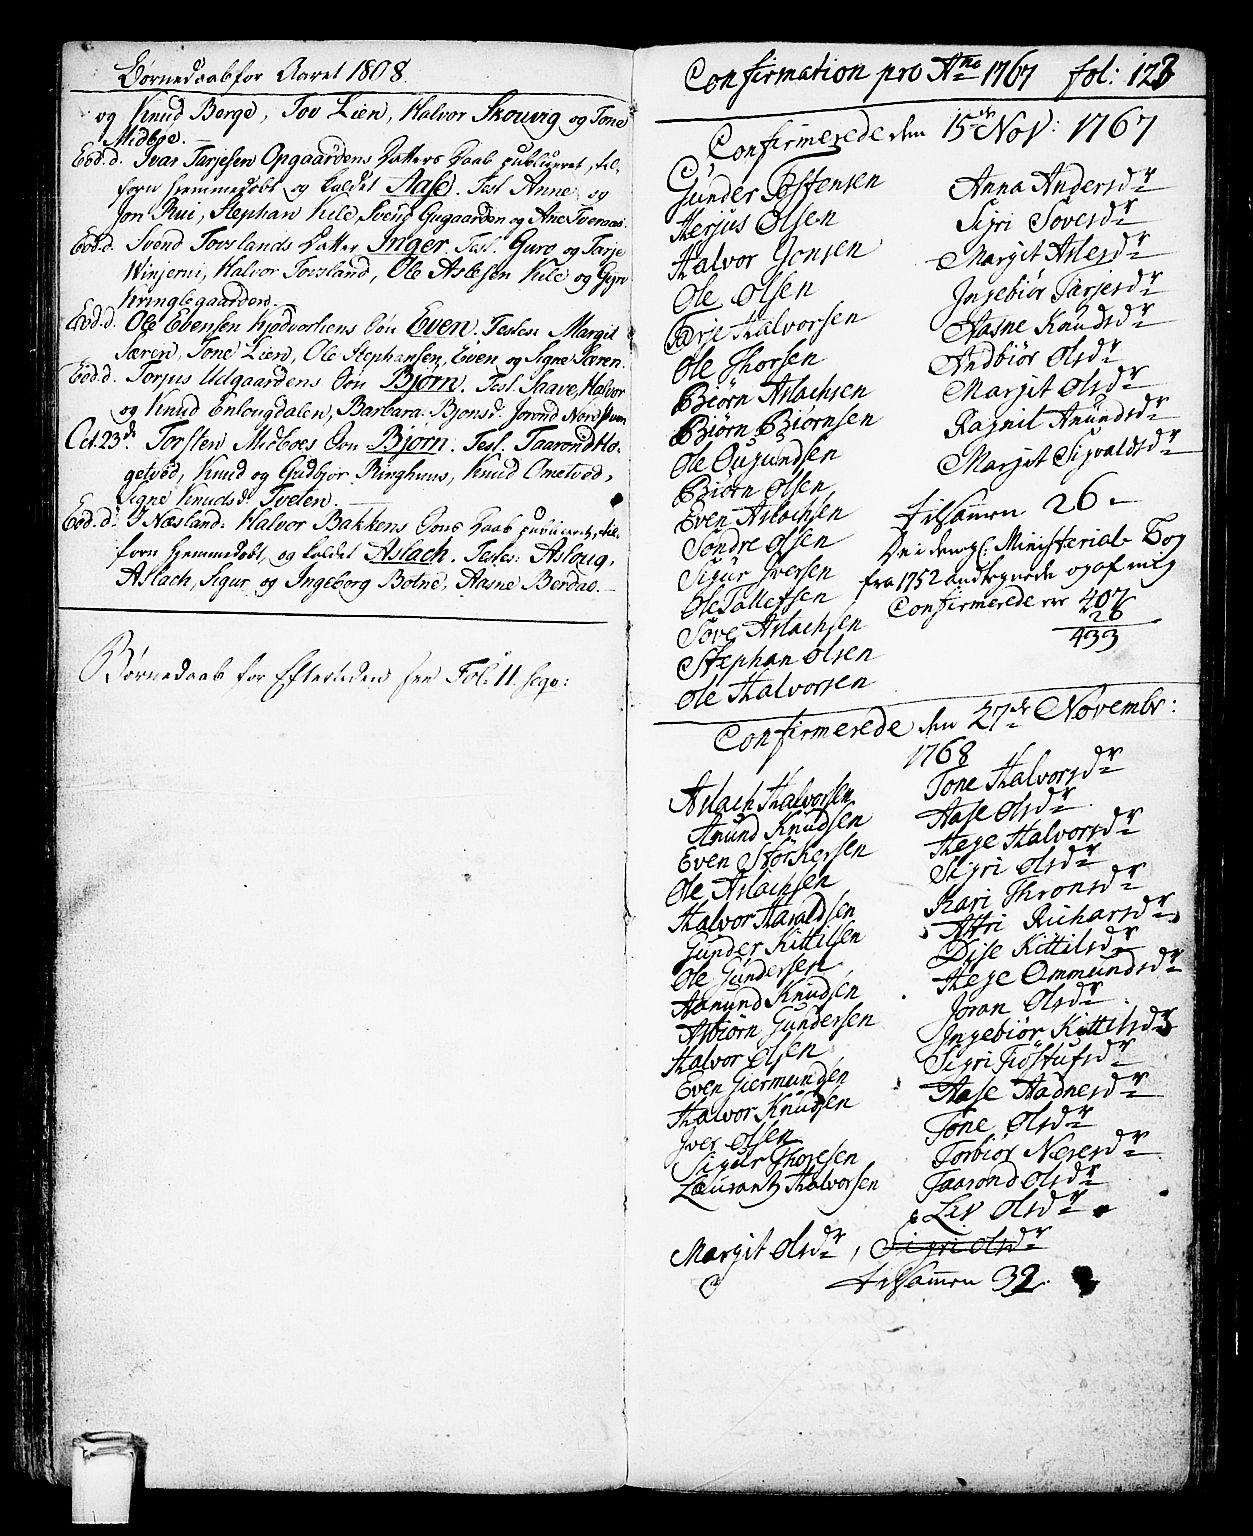 SAKO, Vinje kirkebøker, F/Fa/L0002: Ministerialbok nr. I 2, 1767-1814, s. 123